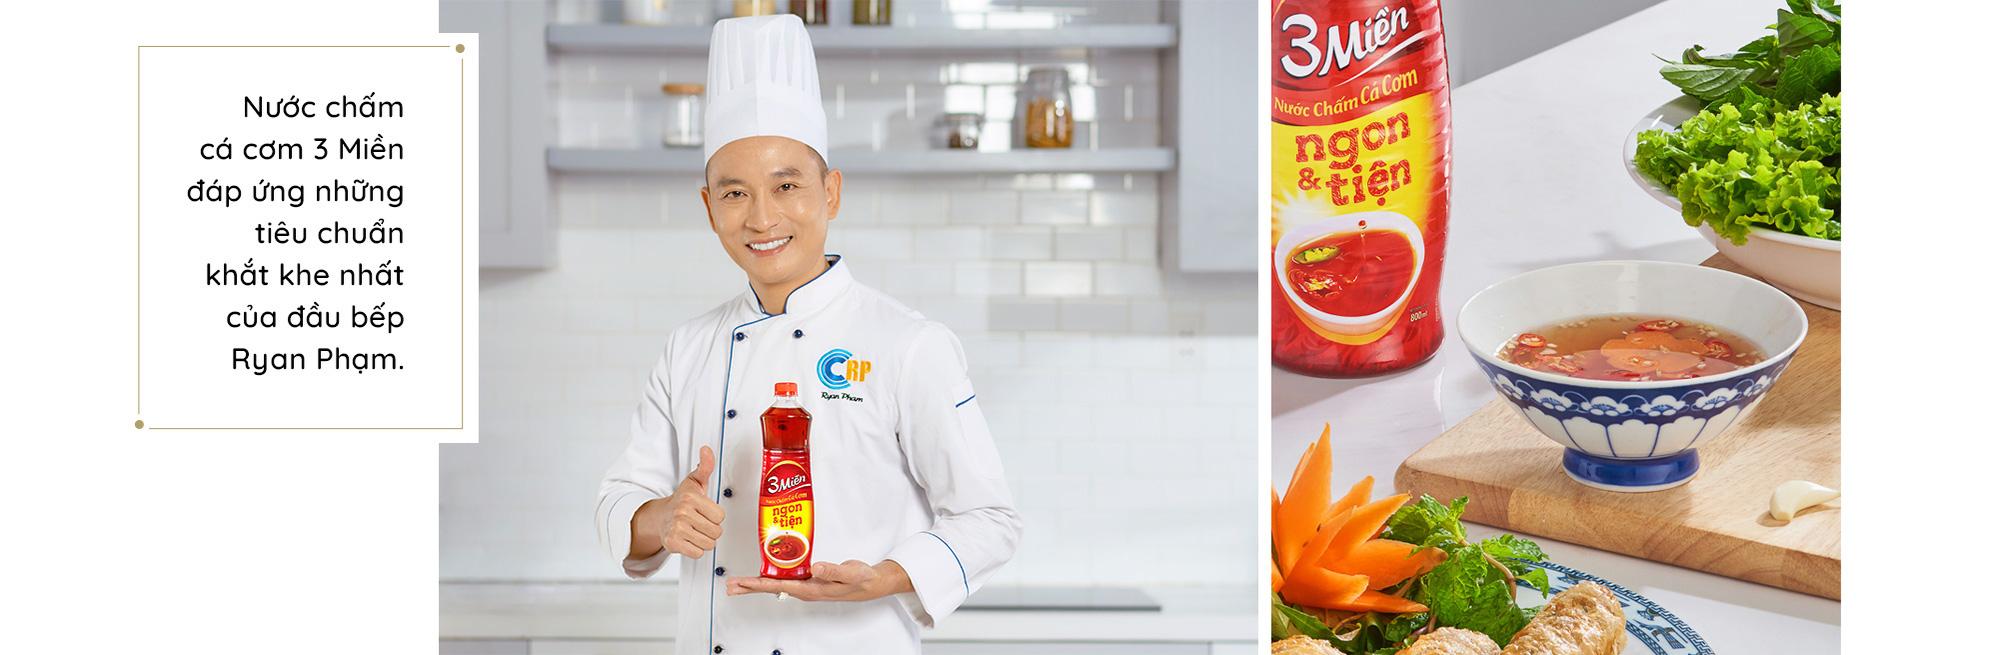 Nước mắm - Gói trọn tinh túy ẩm thực Việt trong chiếc chén nhỏ gắn kết bao thế hệ gia đình - Ảnh 8.